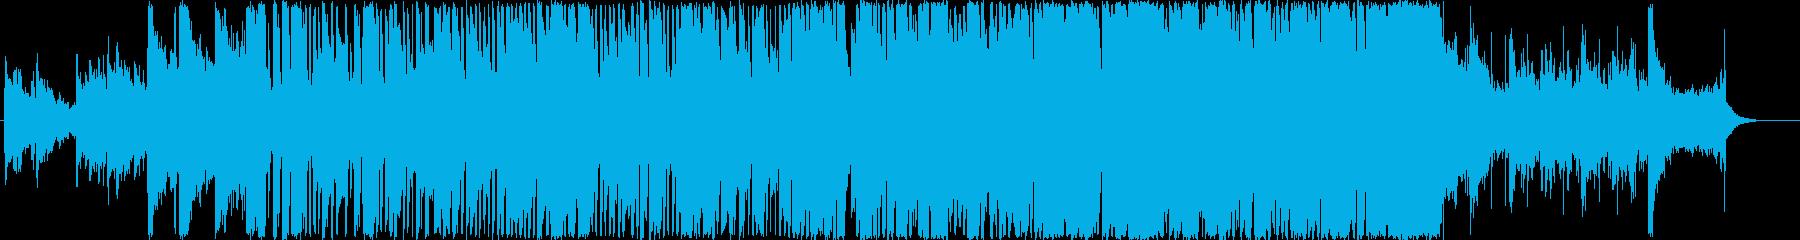 パワフルでわくわくするメロディーの再生済みの波形